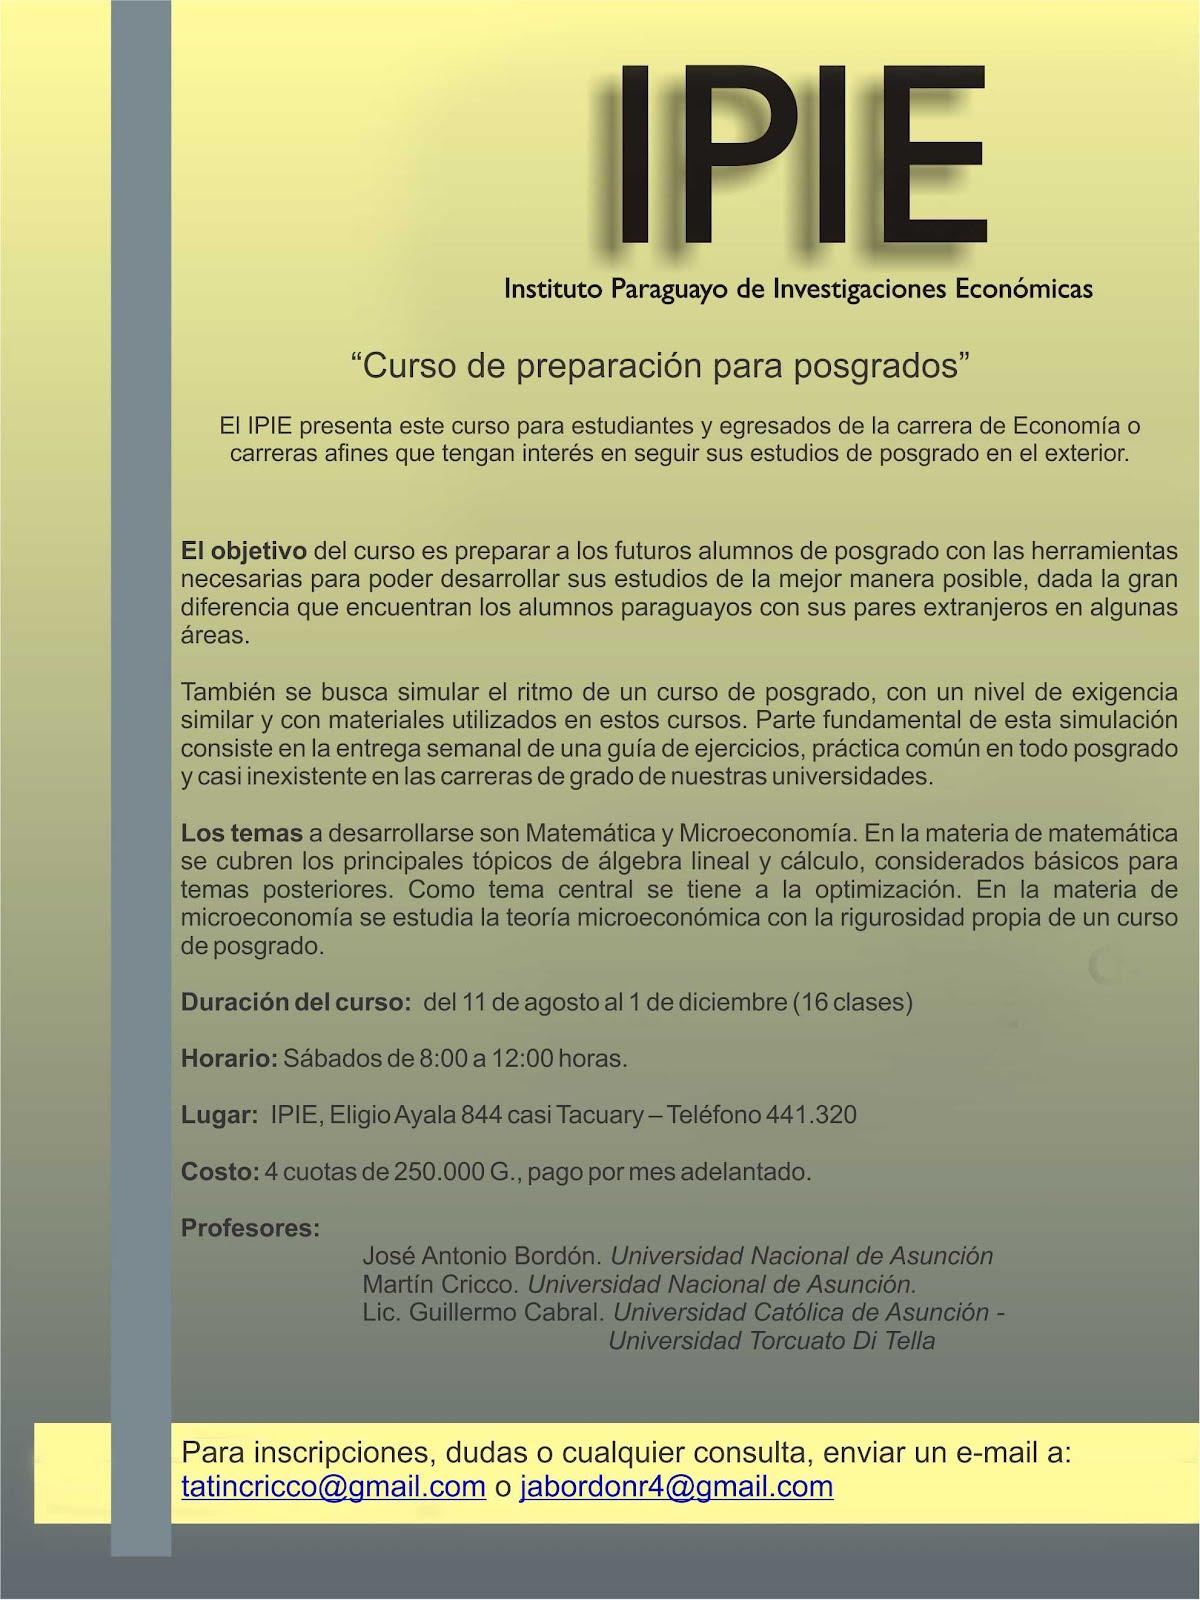 instituto paraguayo de investigaciones econ u00f3micas julio 2012 mascollel solutions manual pdf mascollel solutions manual pdf